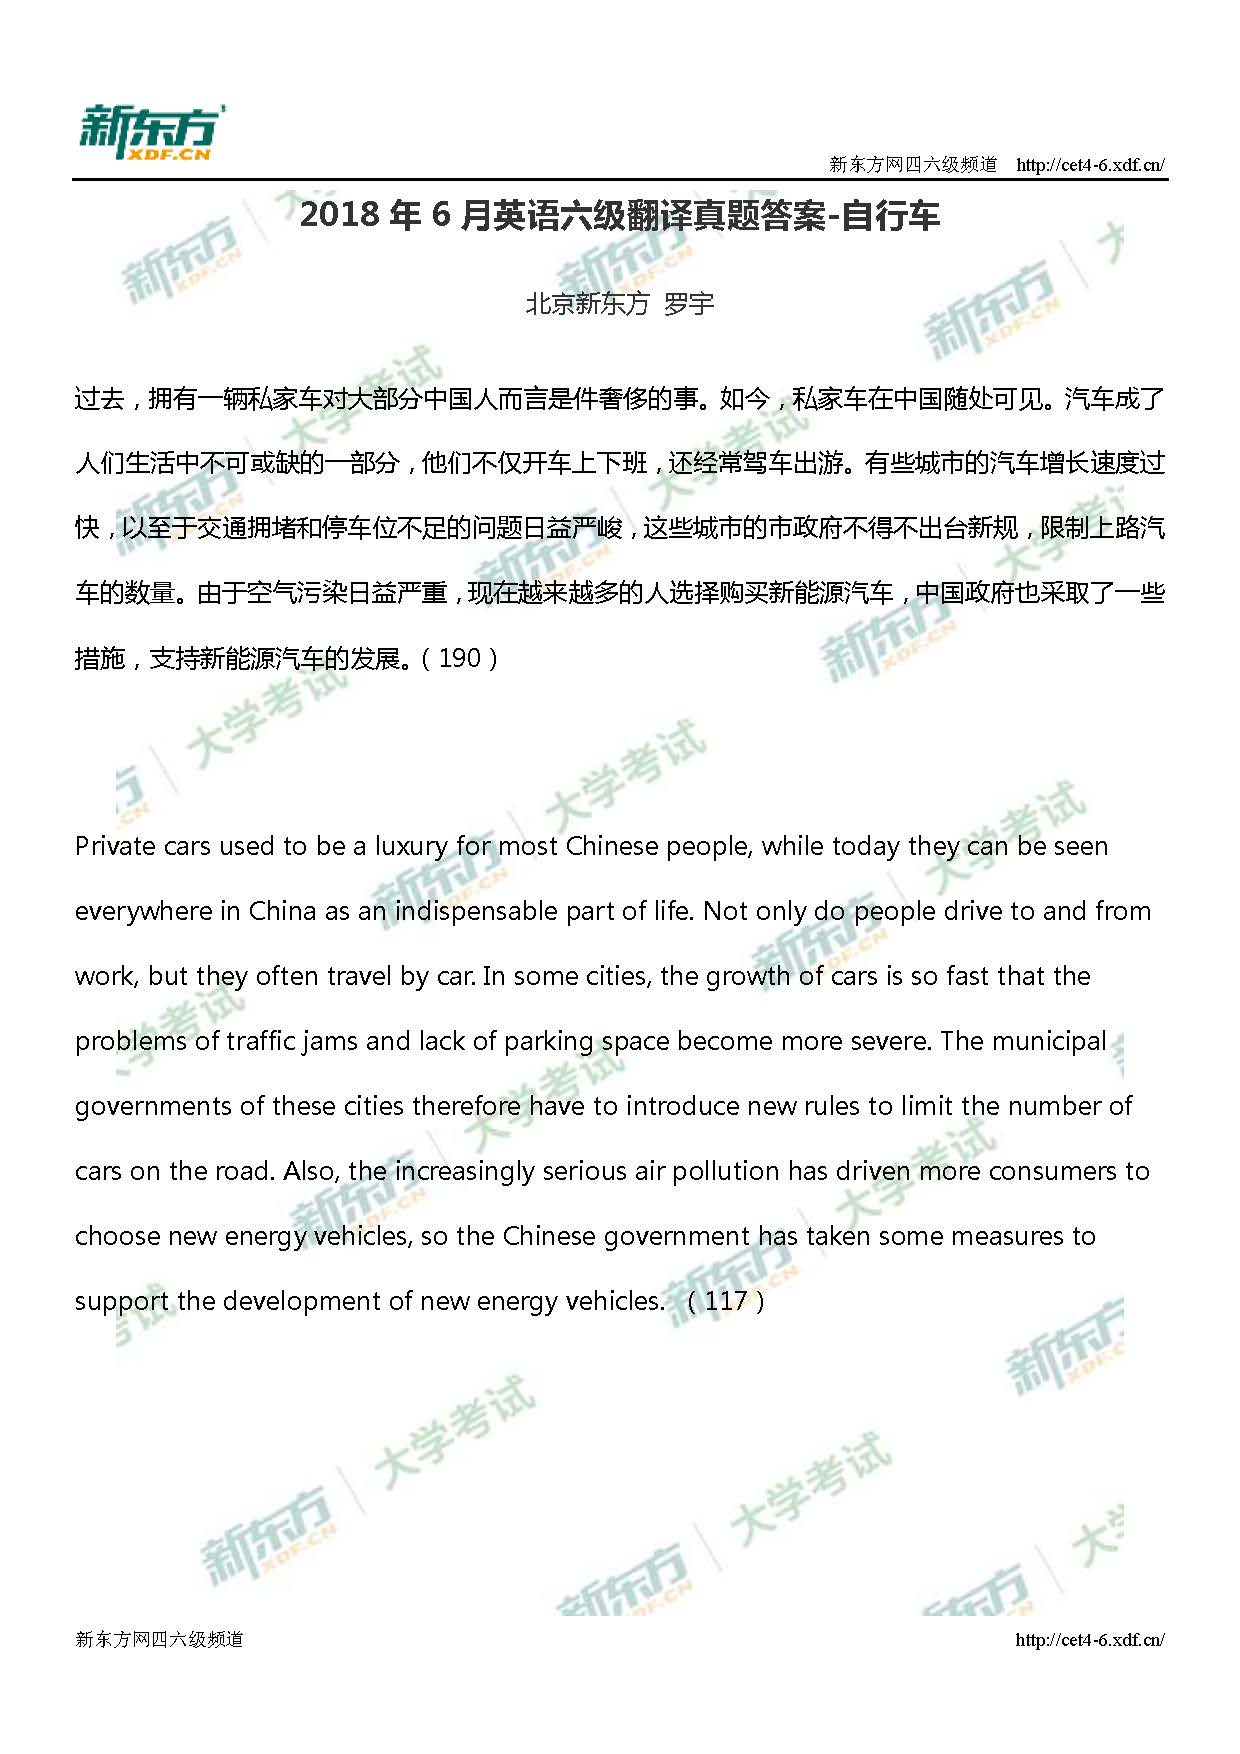 2018年6月六级翻译三套题目银河娱乐彩票(北京新东方)